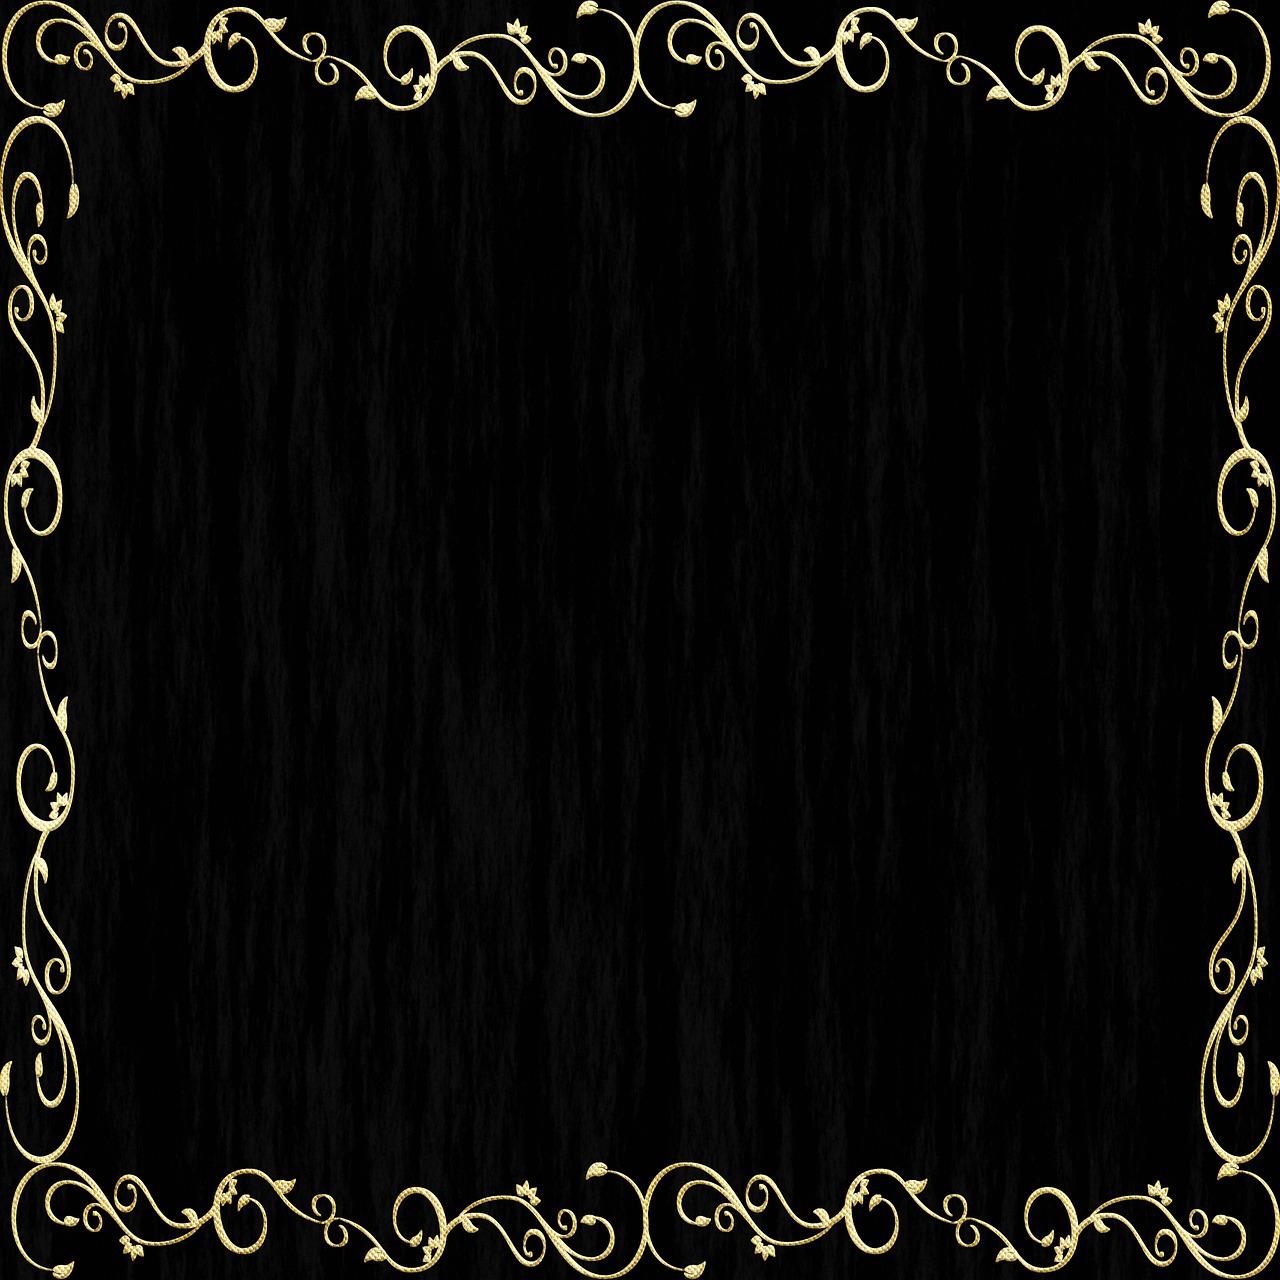 Black Background Floral Leaves Free Image On Pixabay